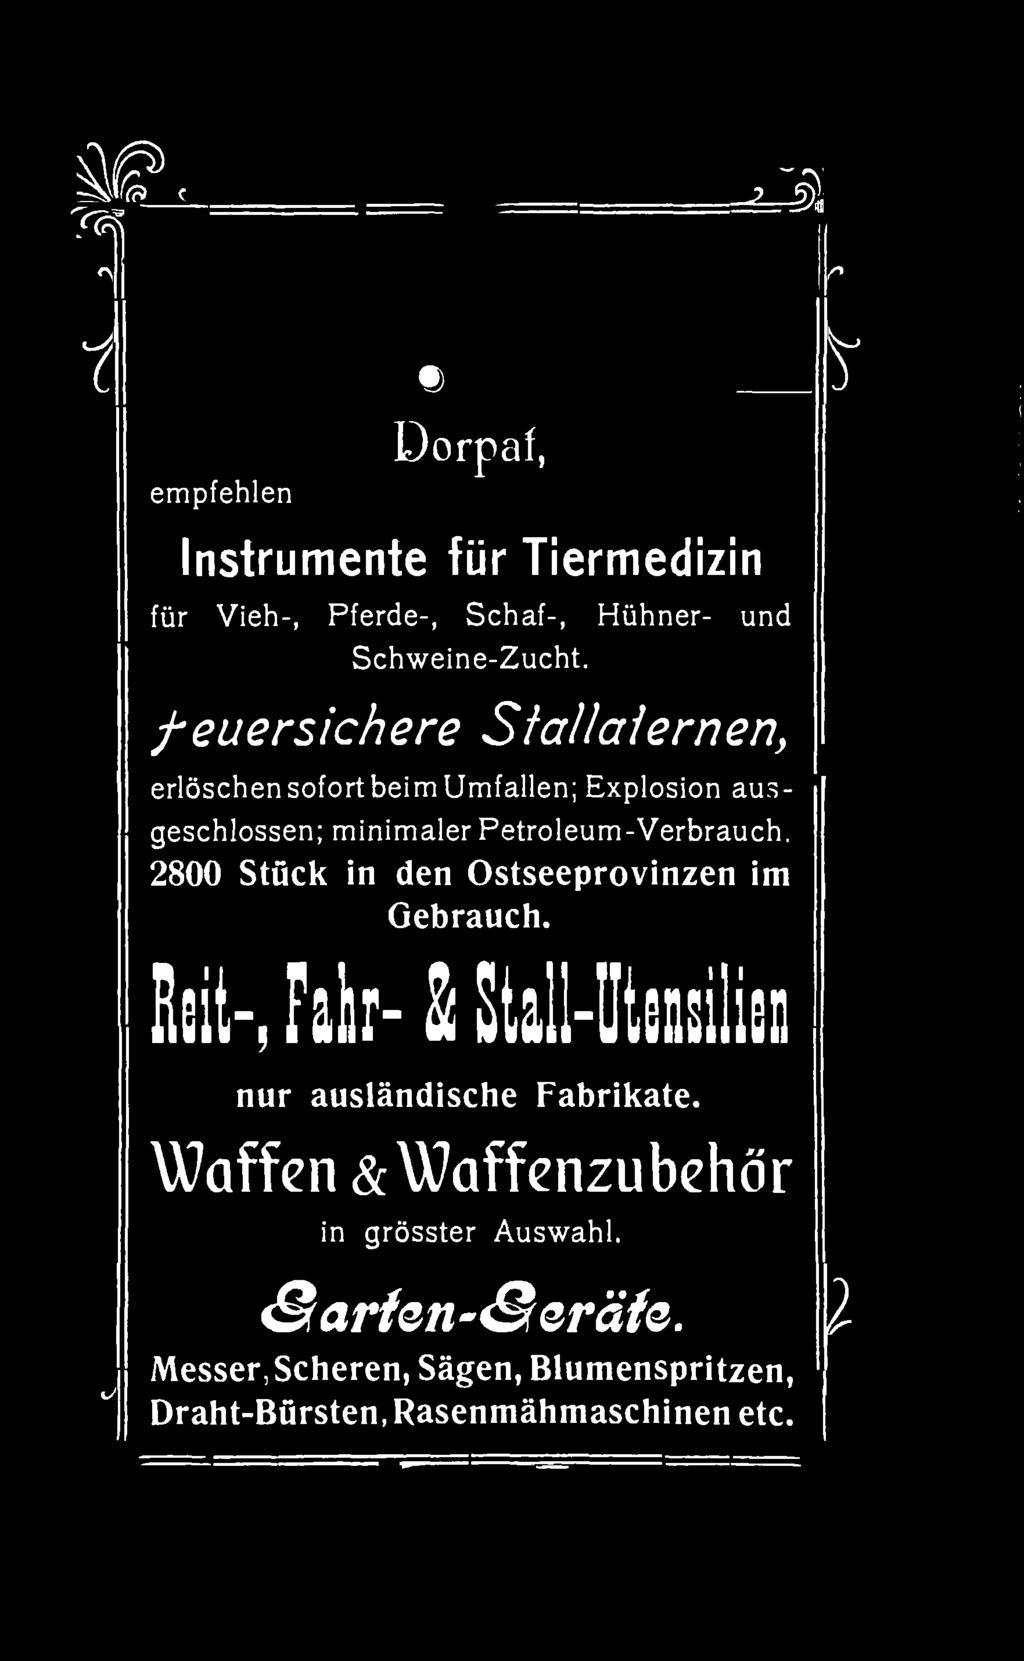 """Terracotta Für Den Garten Einzigartig Tivoli"""" Jurjew Dorpat Pdf Kostenfreier Download"""